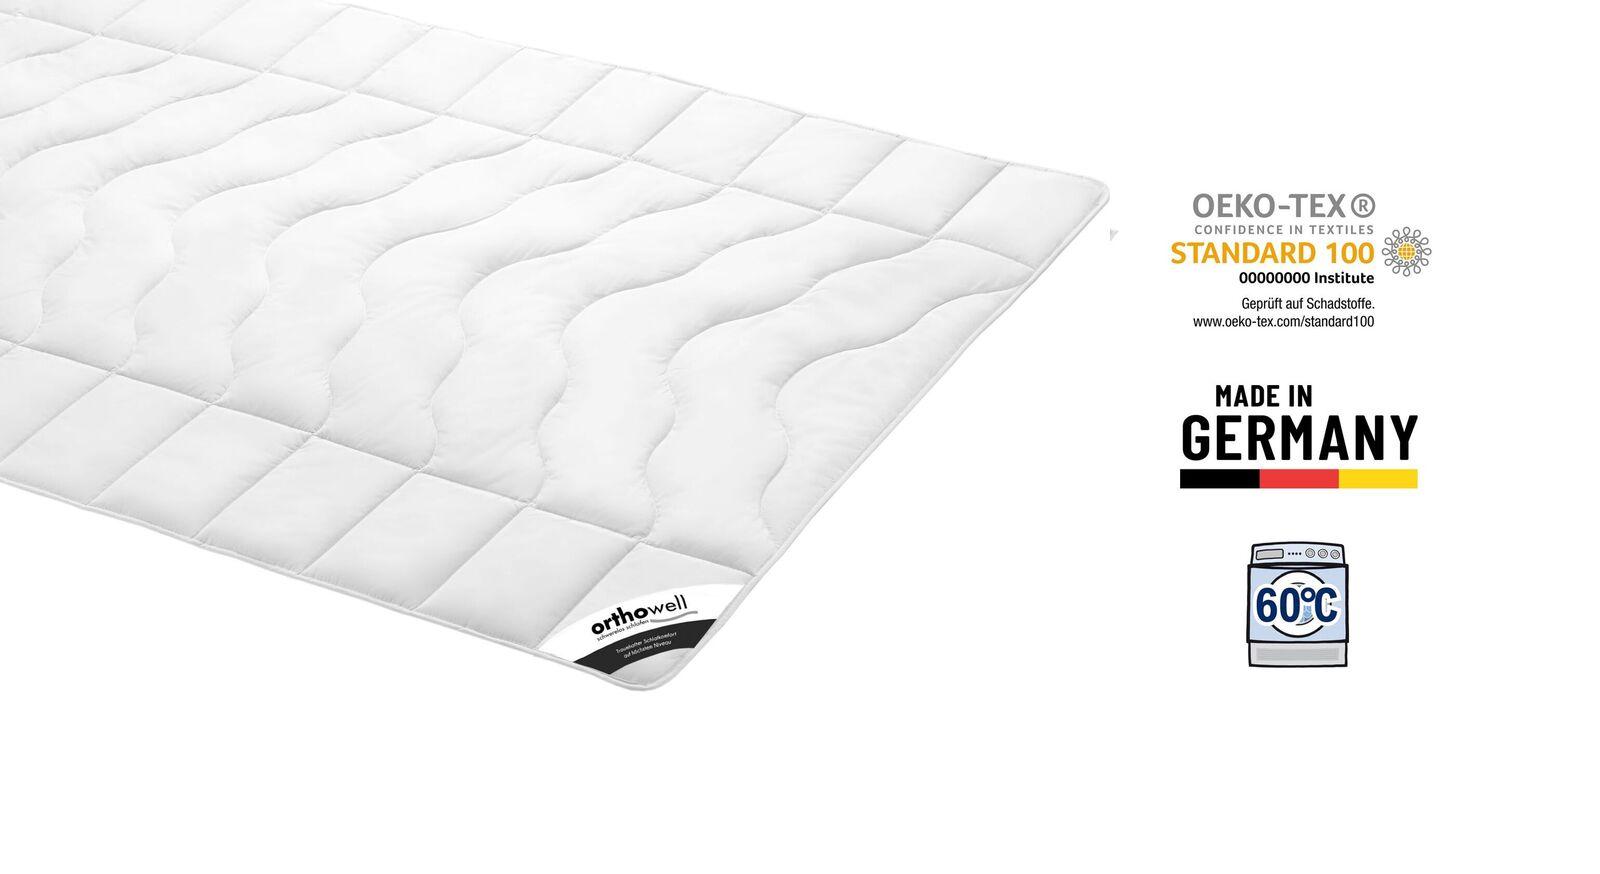 Zertifizierte Faser-Bettdecke orthowell Standard extra leicht